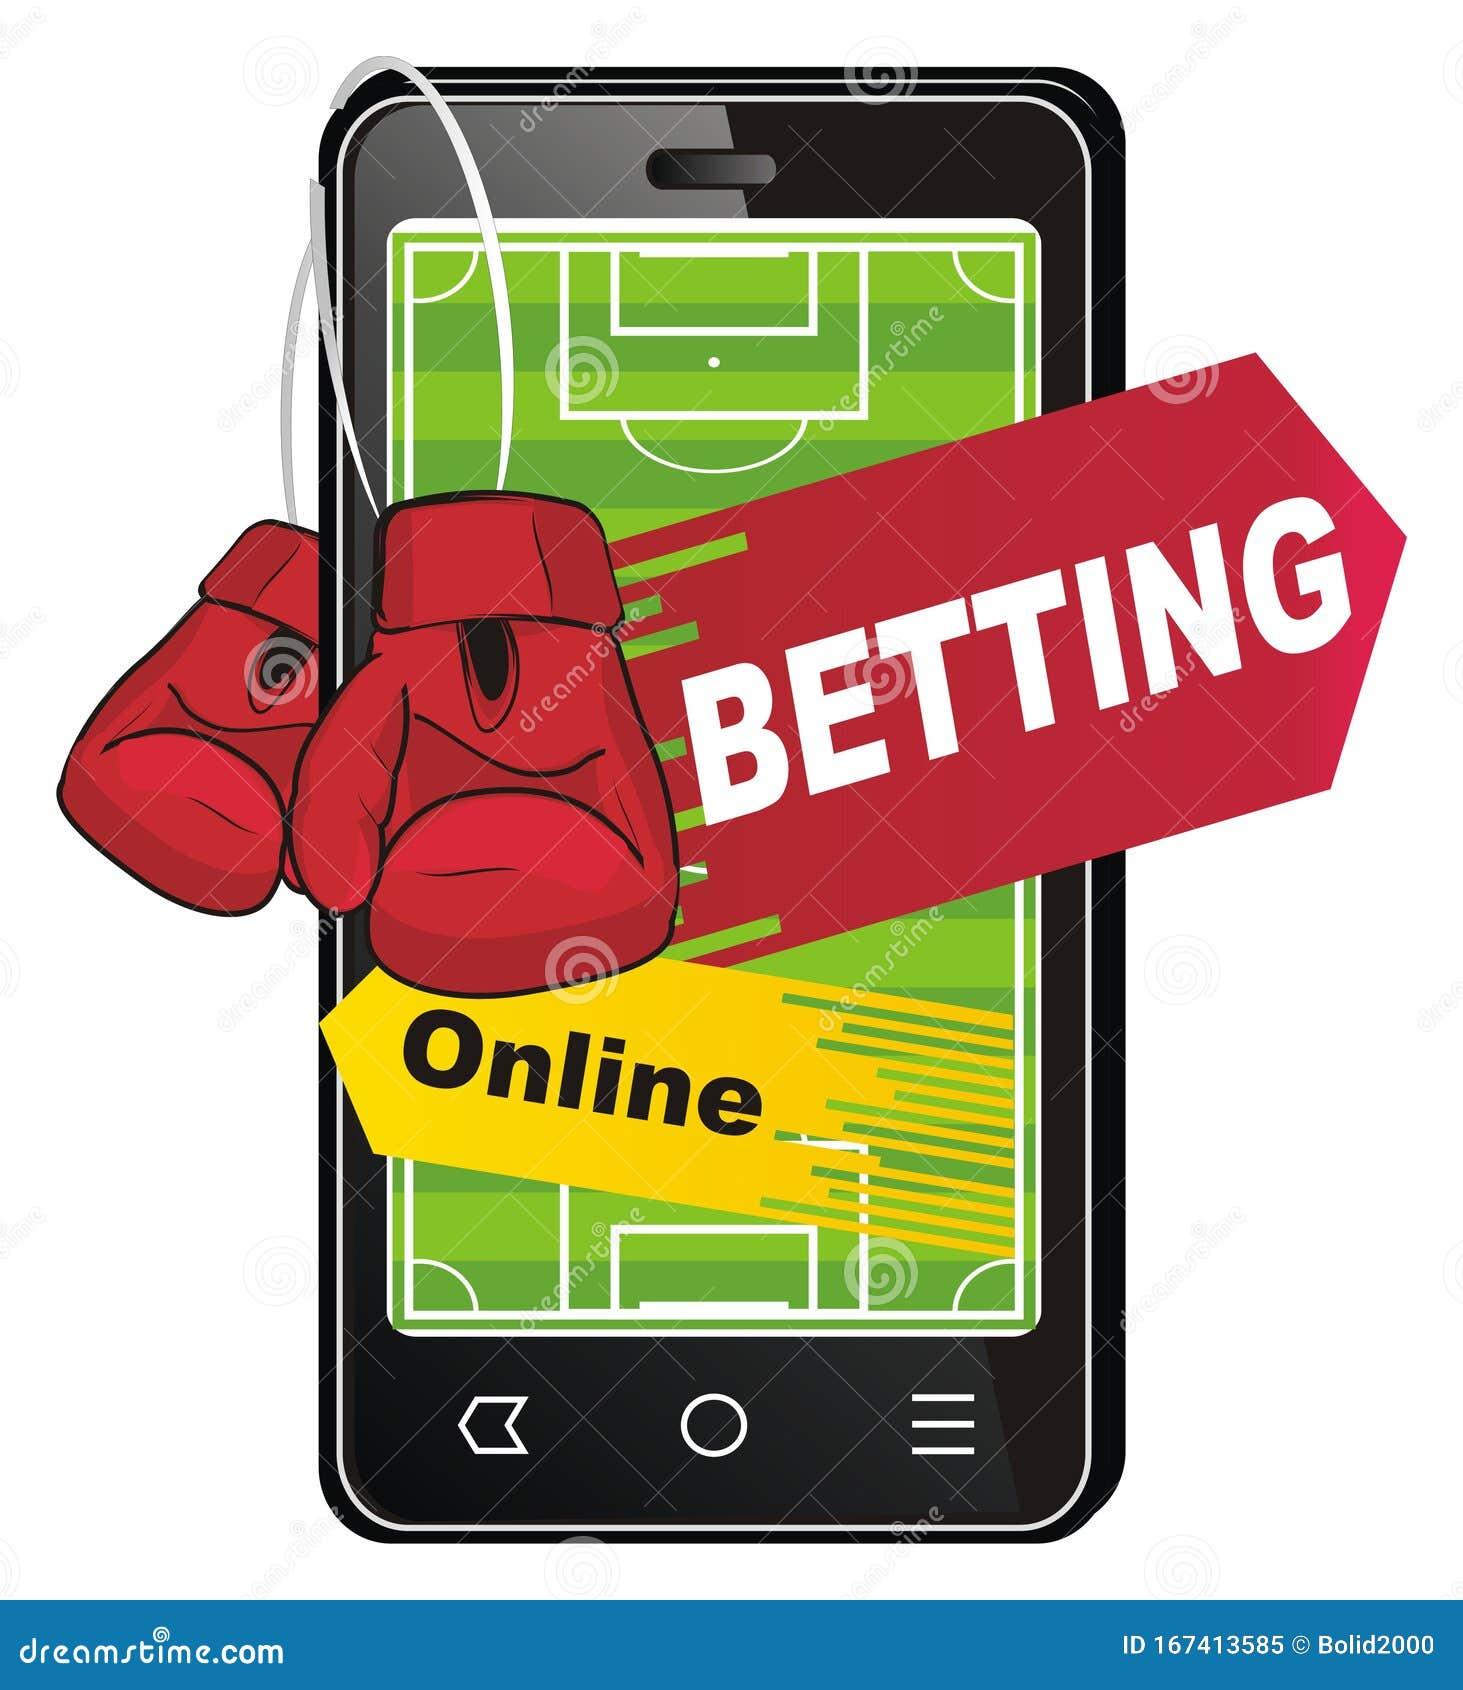 Box betting online bouchard riske bettingexpert